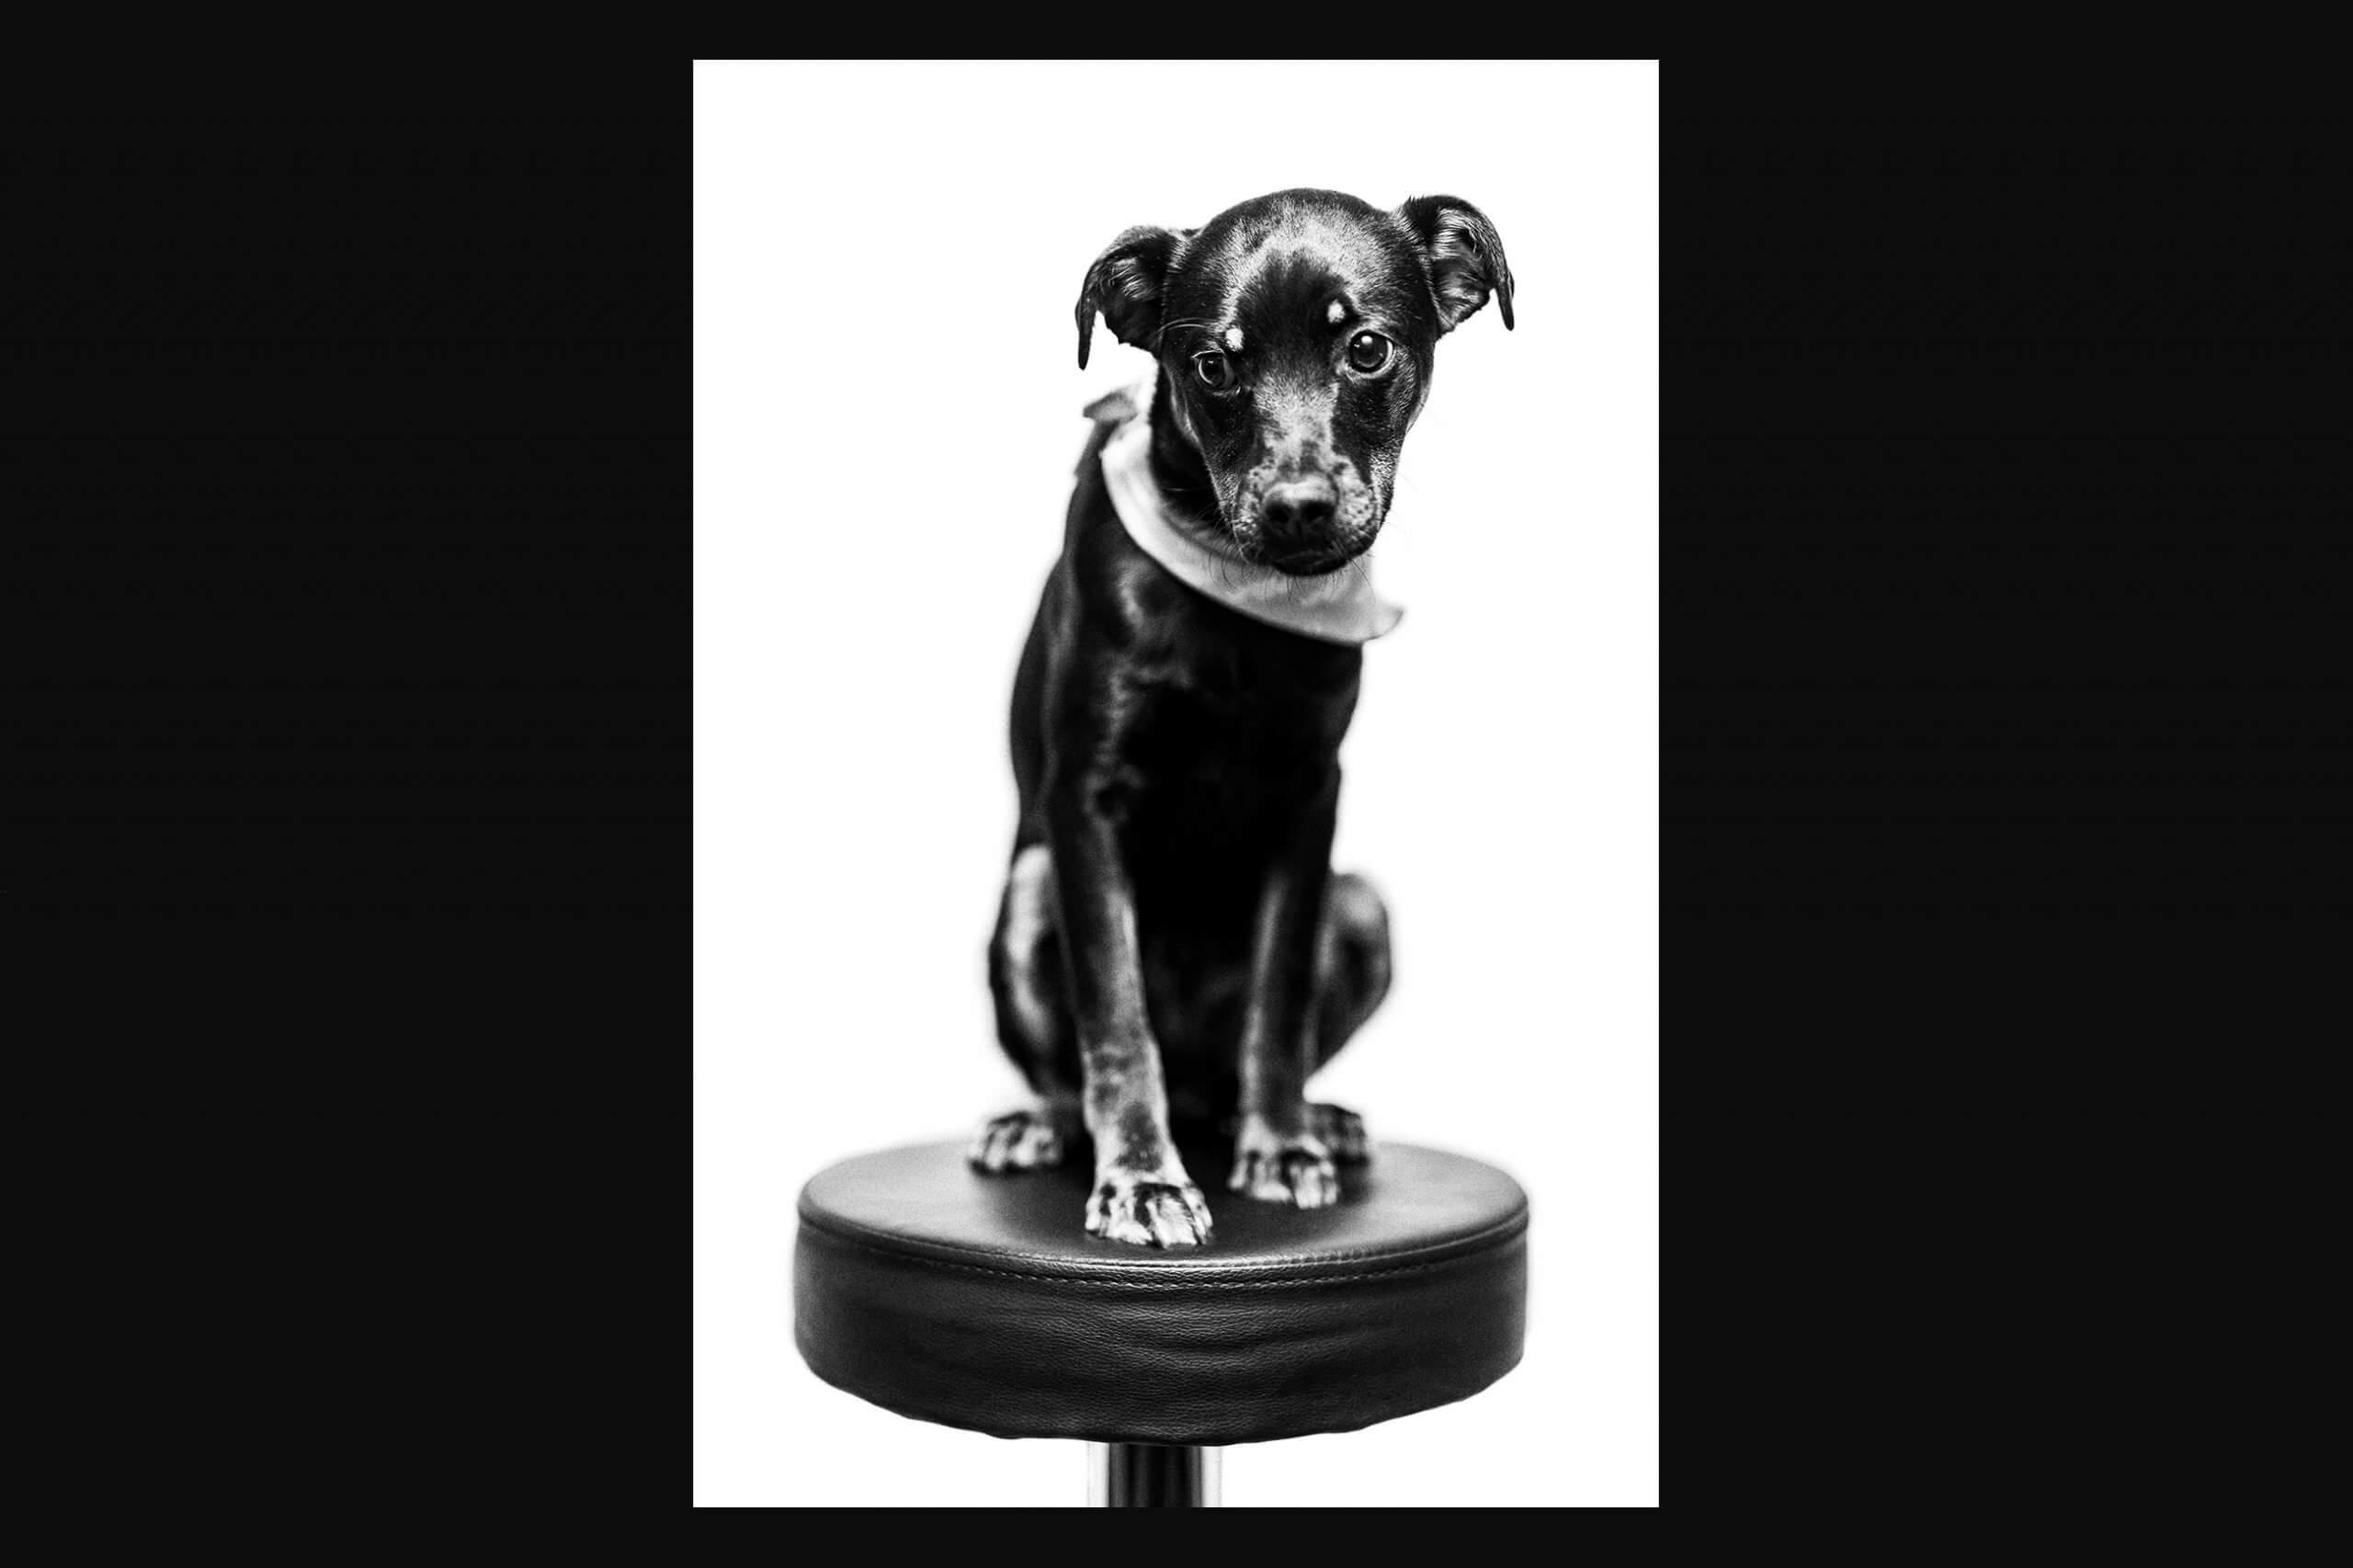 Hunde_Portrait Schwarzweiß